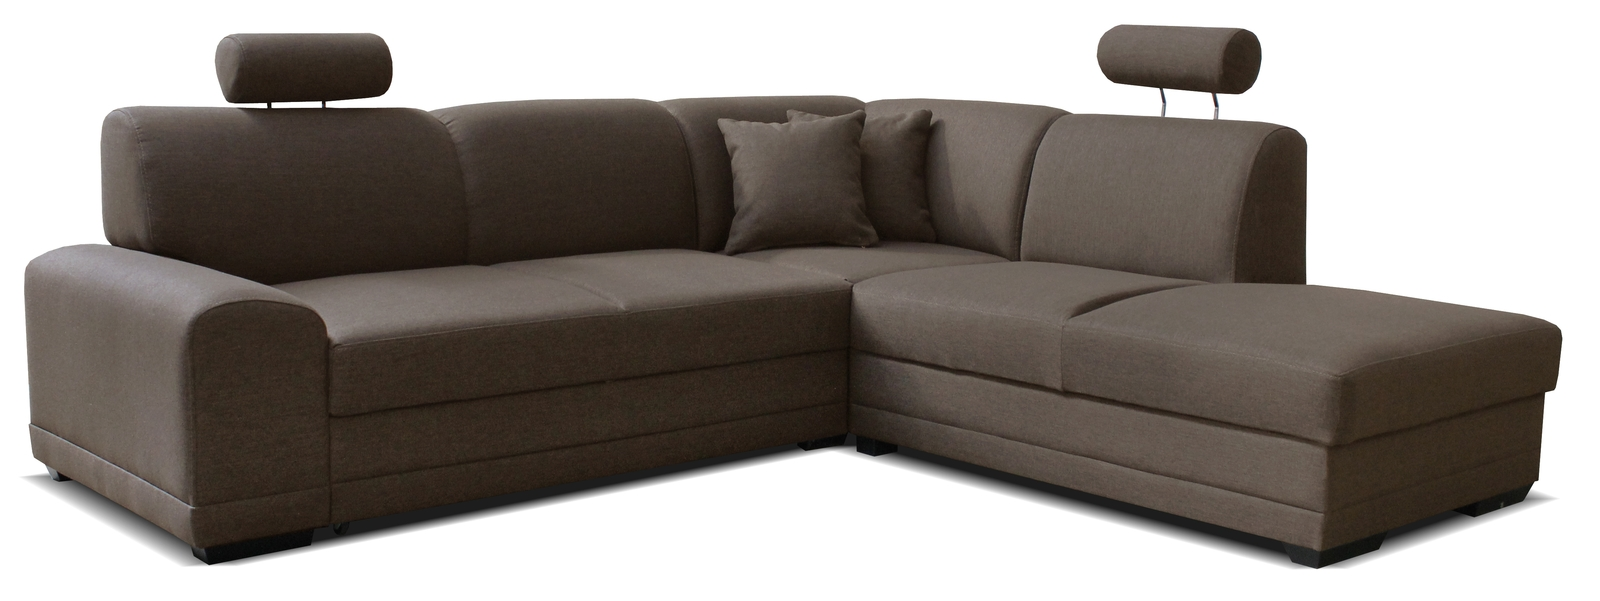 Rohová sedačka - Famm - Laon II 2F+L (P) hnedá